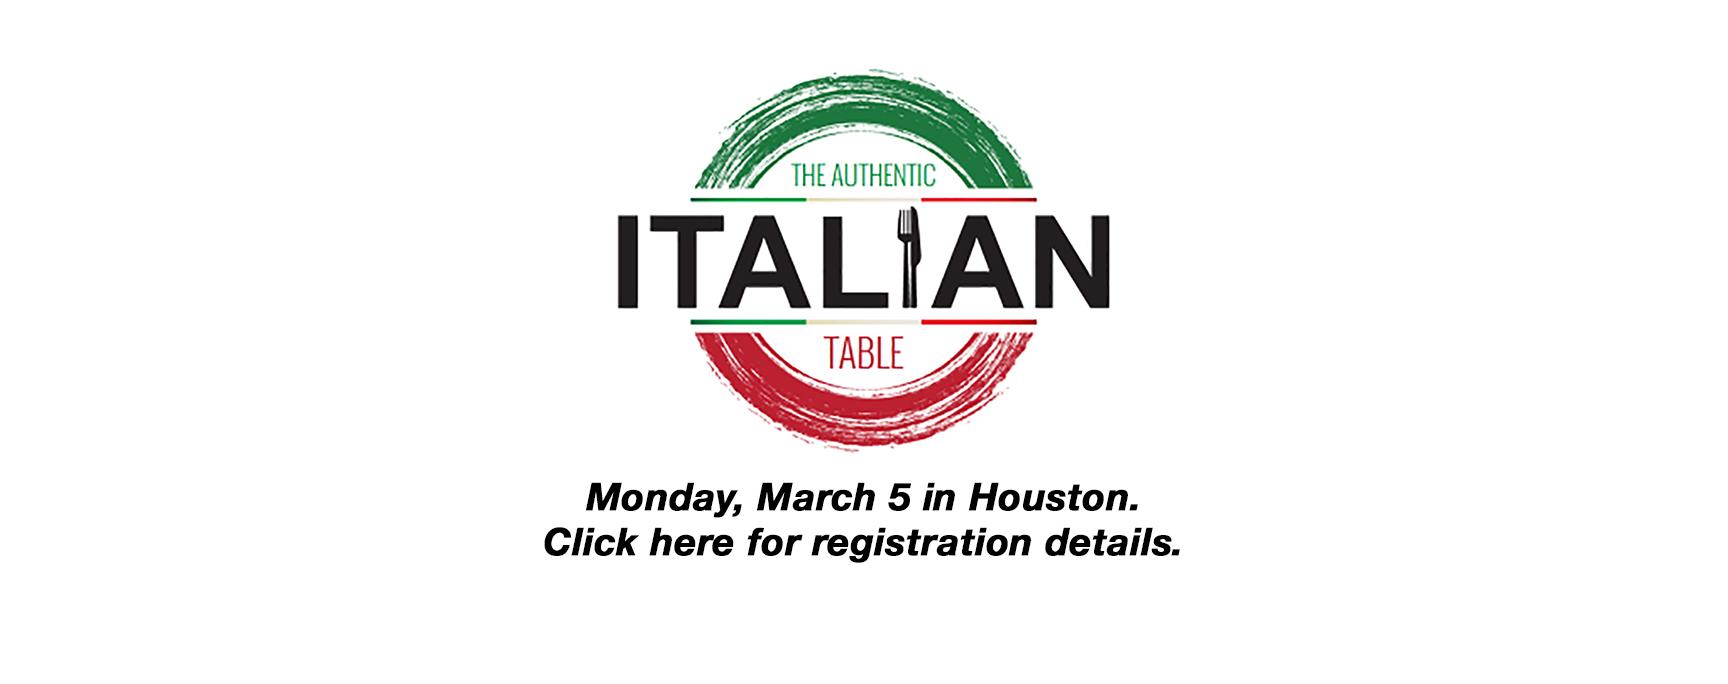 italian-table-logo-copy-new